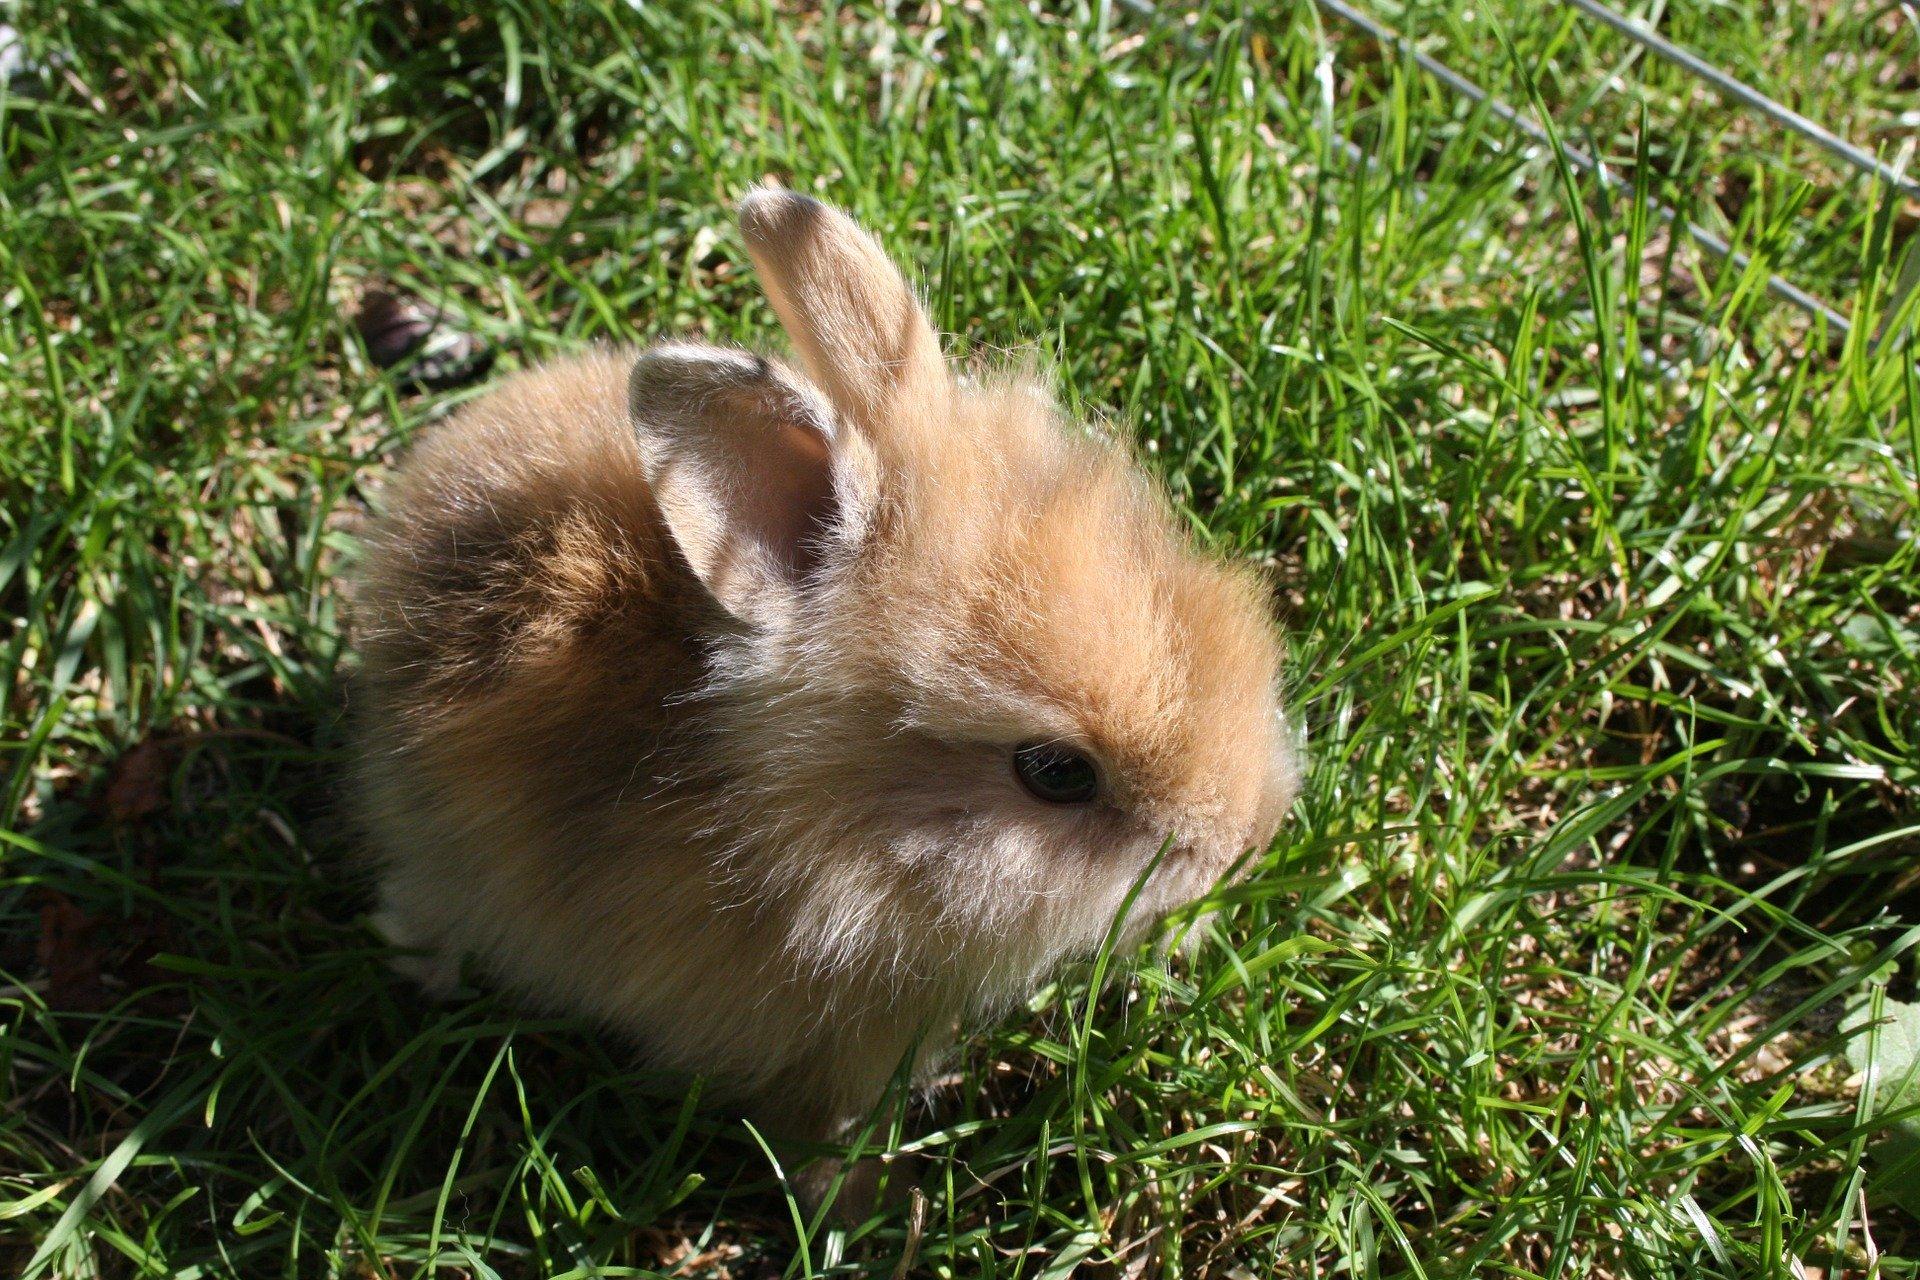 Coniglio nano: Un piccolo animale domestico